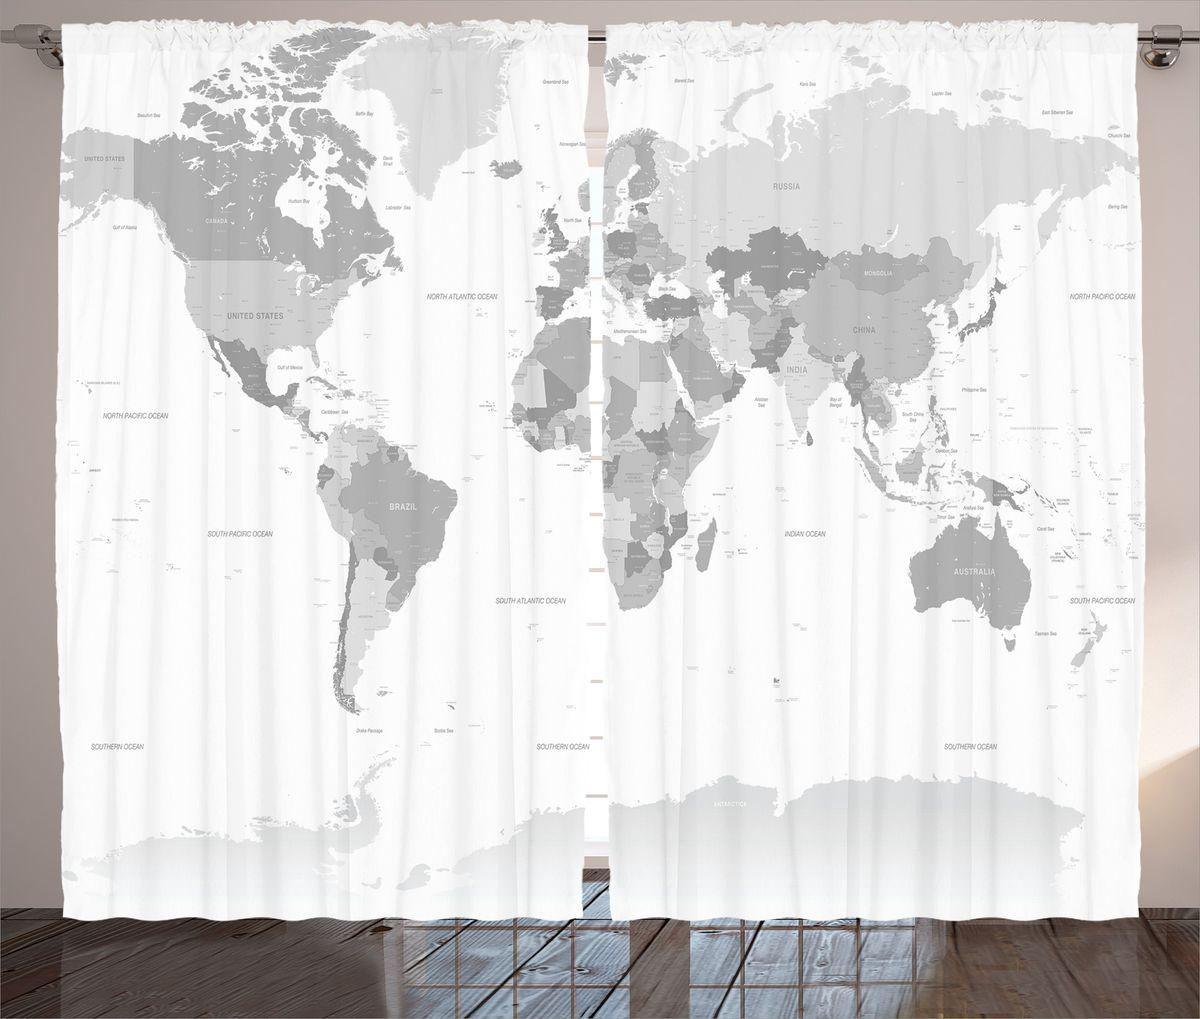 Комплект фотоштор Magic Lady Политическая карта мира, на ленте, высота 265 см. шсг_18025шсг_17424Компания Сэмболь изготавливает шторы из высококачественного сатена (полиэстер 100%). При изготовлении используются специальные гипоаллергенные чернила для прямой печати по ткани, безопасные для человека и животных. Экологичность продукции Magic lady и безопасность для окружающей среды подтверждены сертификатом Oeko-Tex Standard 100. Крепление: крючки для крепления на шторной ленте (50 шт). Возможно крепление на трубу. Внимание! При нанесении сублимационной печати на ткань технологическим методом при температуре 240°С, возможно отклонение полученных размеров (указанных на этикетке и сайте) от стандартных на + - 3-5 см. Производитель старается максимально точно передать цвета изделия на фотографиях, однако искажения неизбежны и фактический цвет изделия может отличаться от воспринимаемого по фото. Обратите внимание! Шторы изготовлены из полиэстра сатенового переплетения, а не из сатина (хлопок). Размер одного полотна шторы: 145х265 см. В комплекте 2 полотна шторы и 50 крючков.